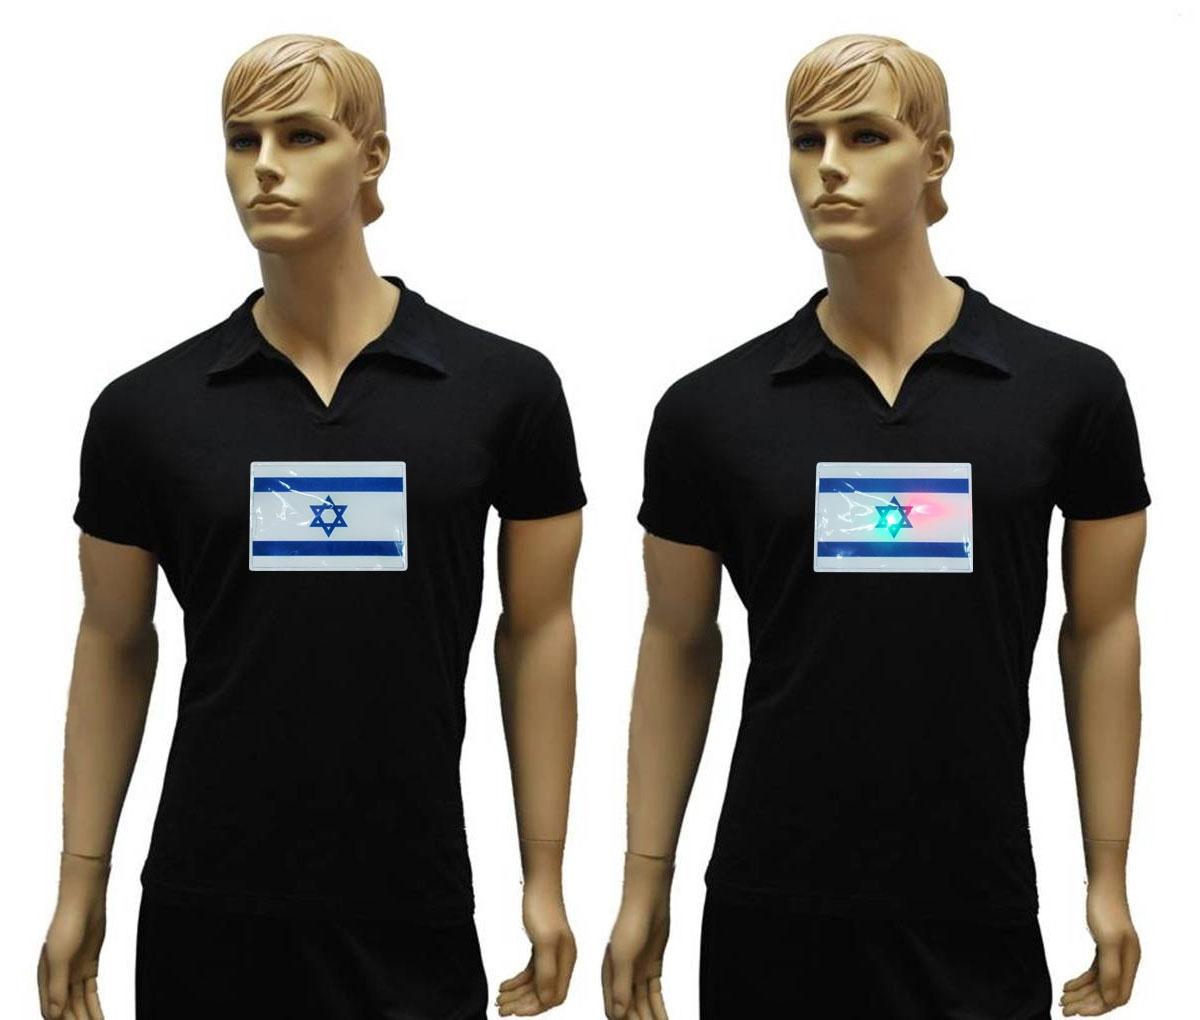 דגל ישראל מהבהב | מדבקת דגל ישראל